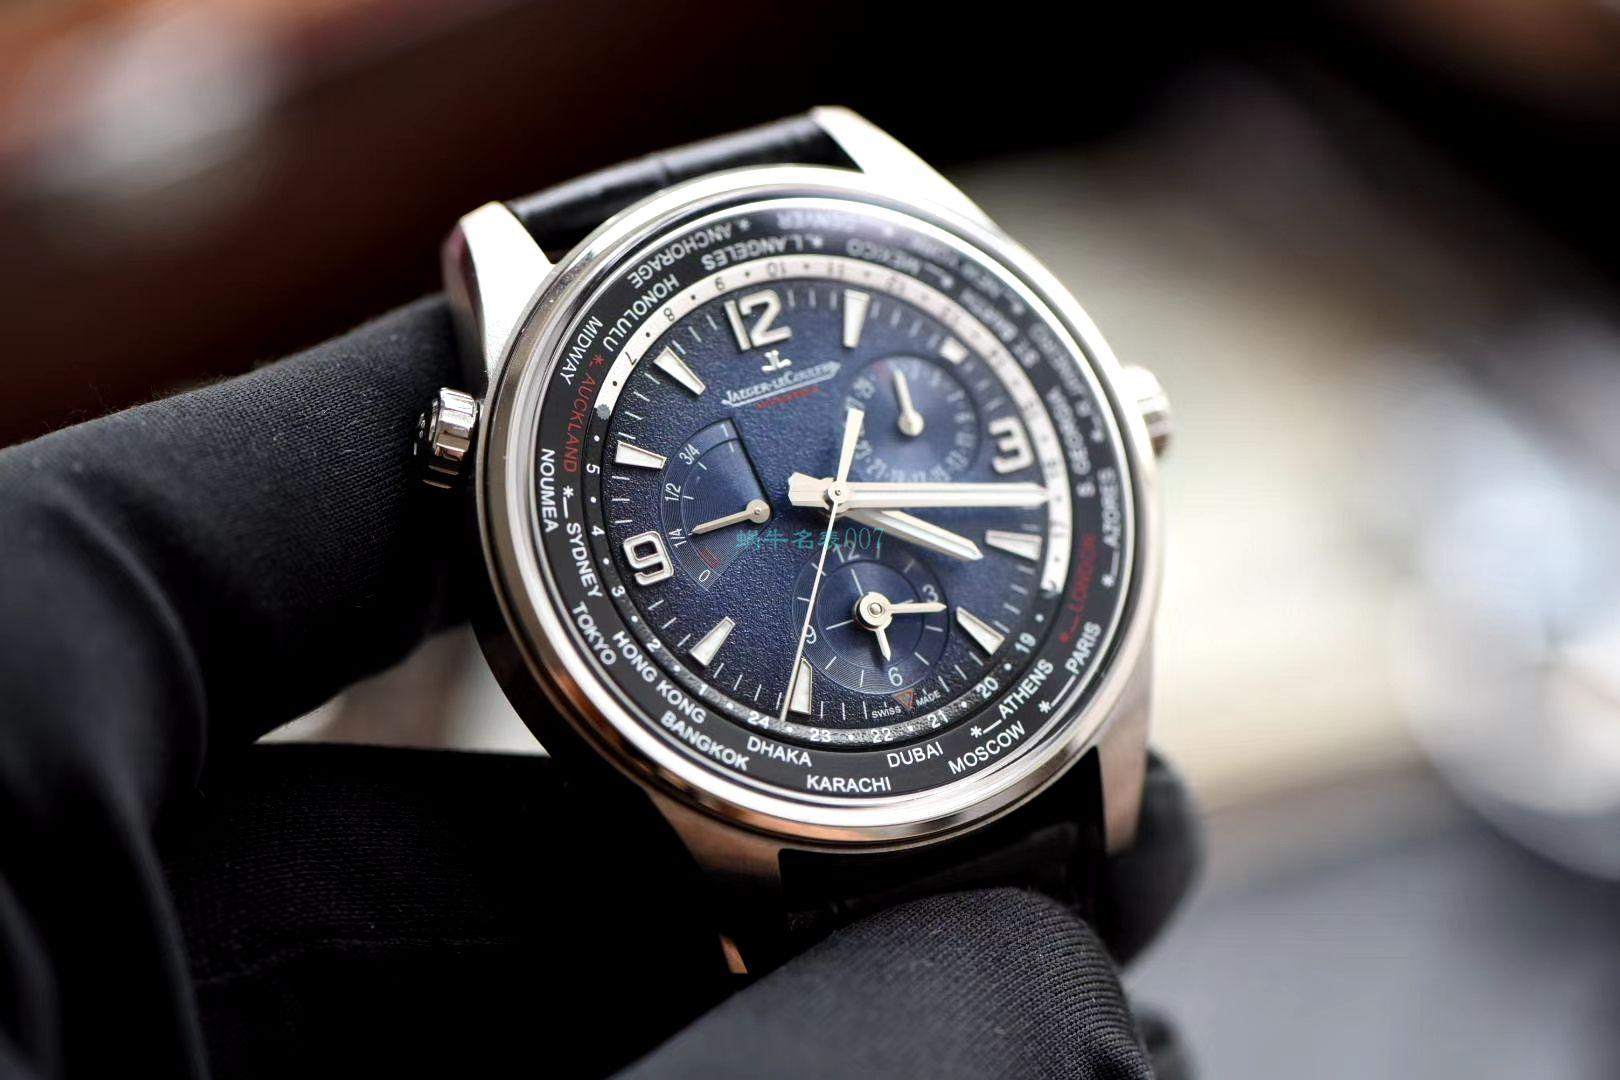 视频评测ZF厂顶级复刻手表积家北宸地理学家世界时904847J腕表 / JJ179